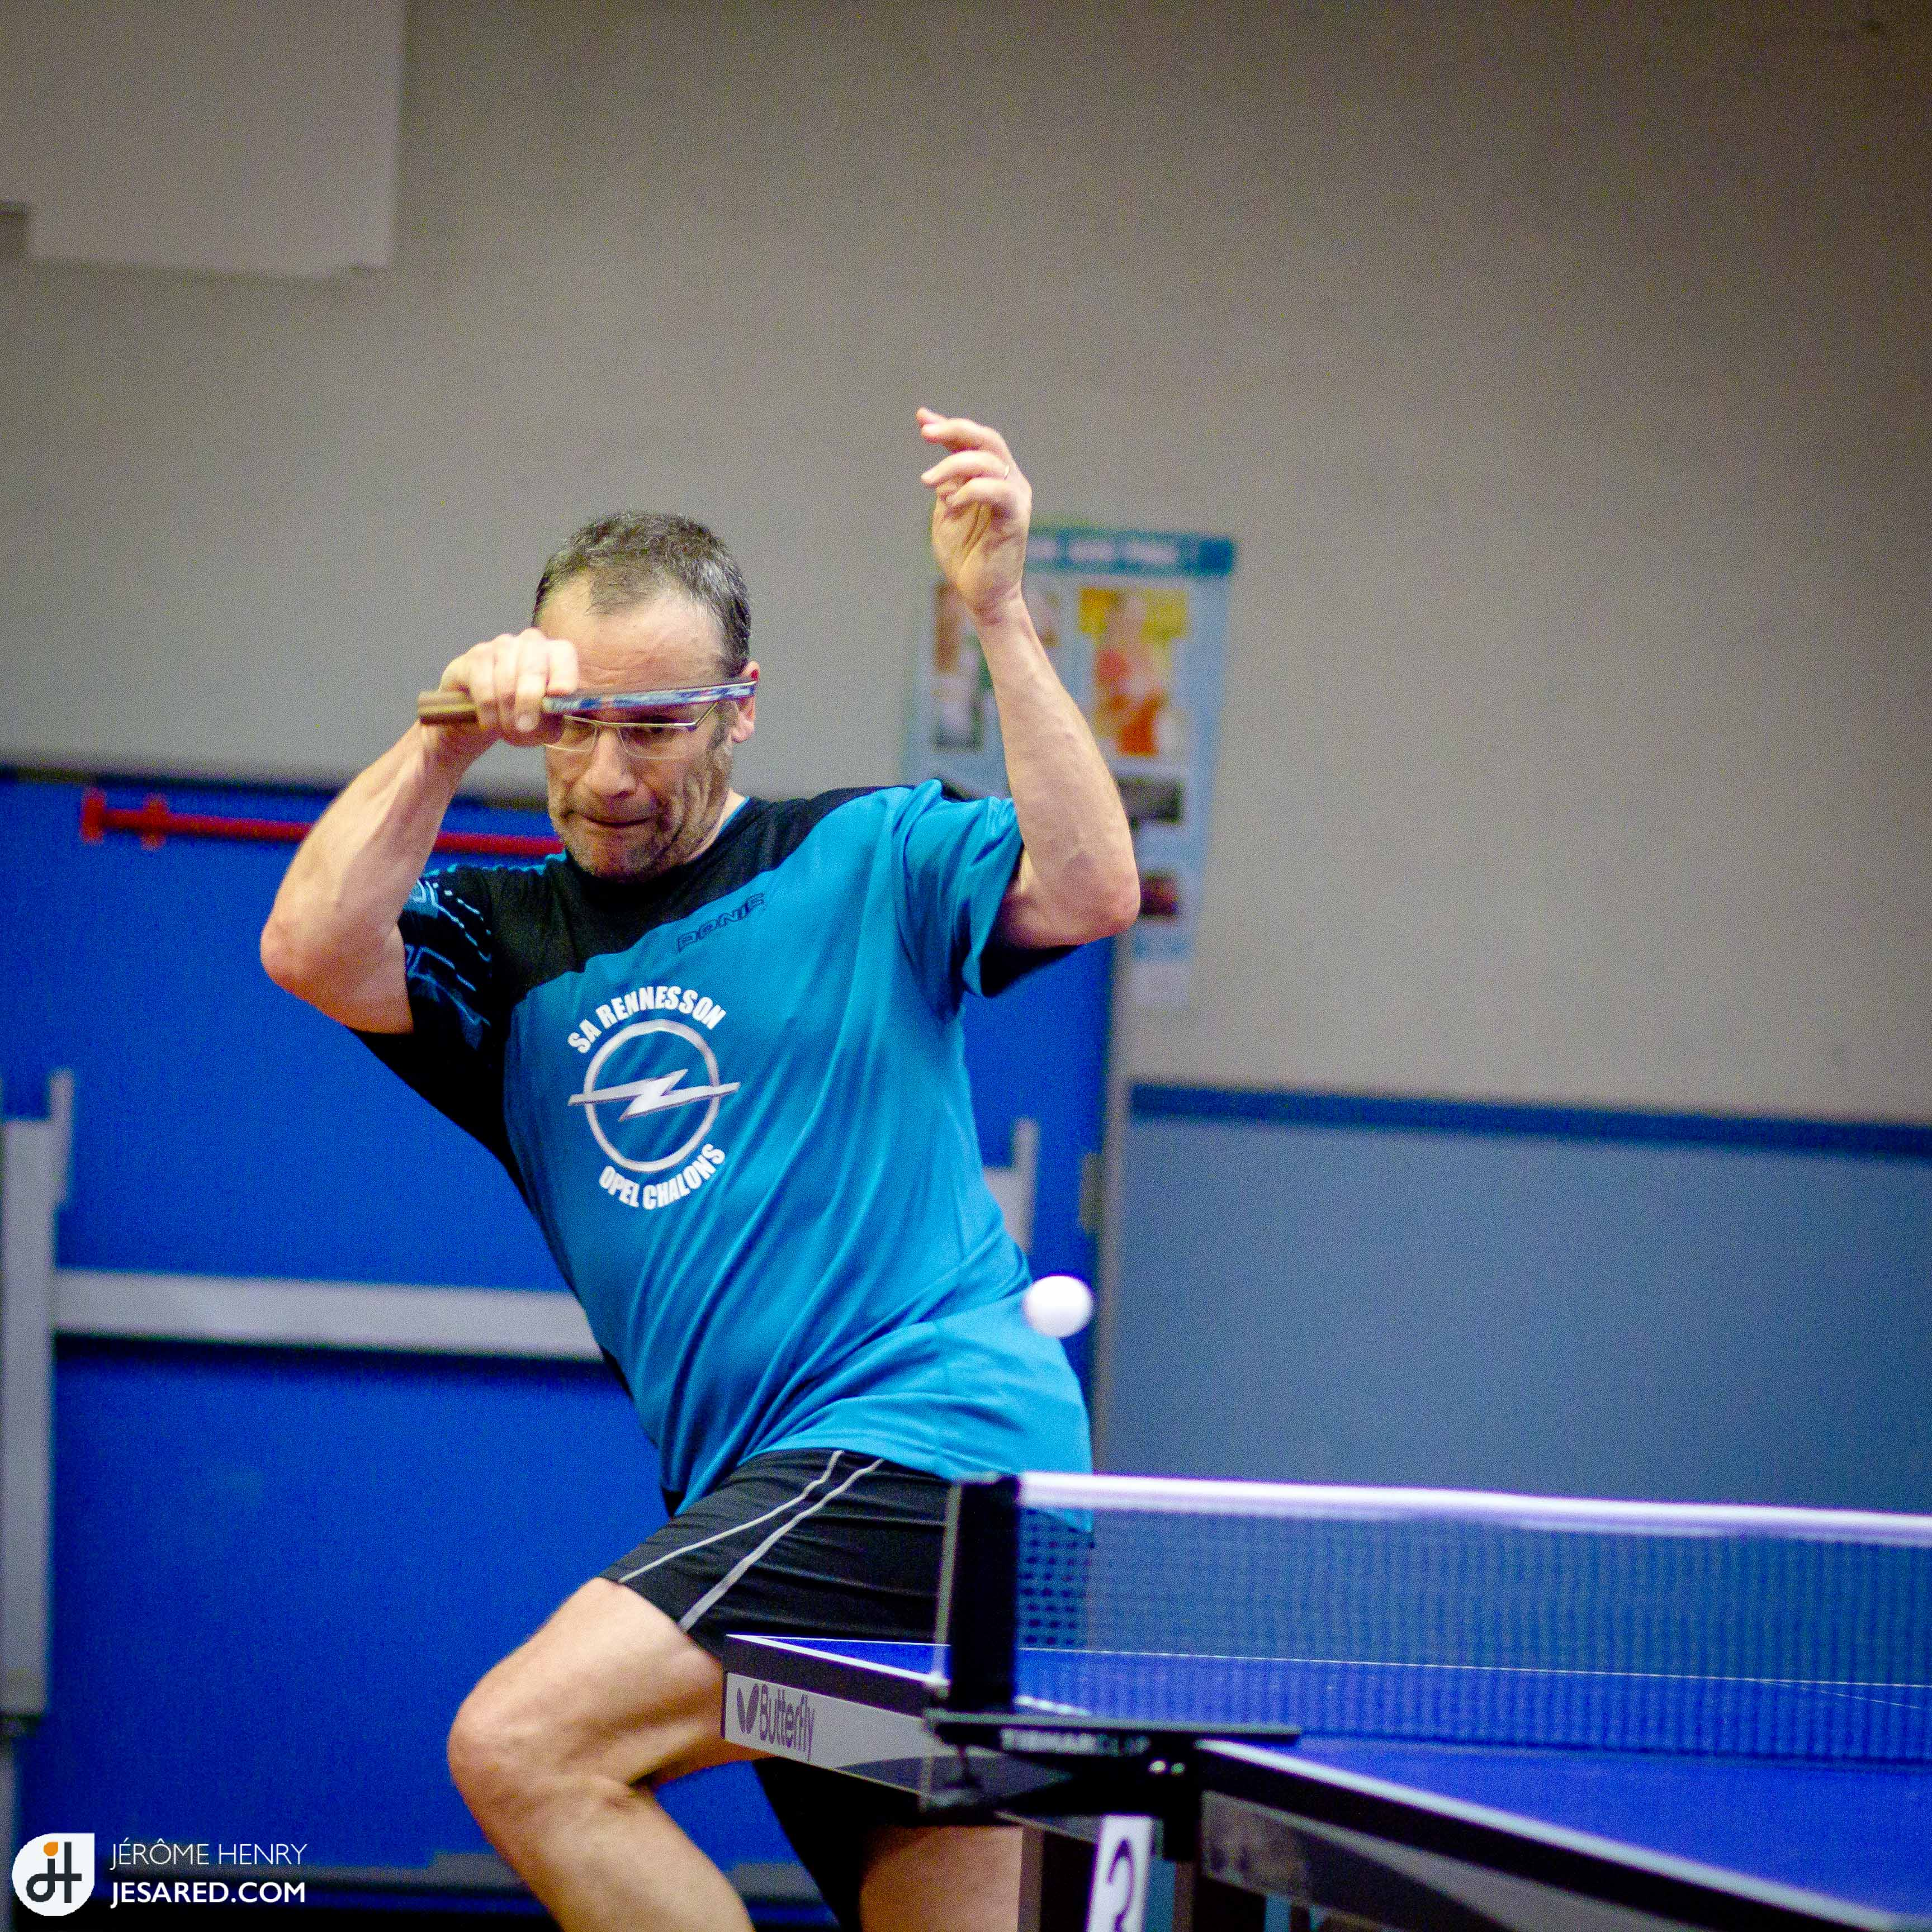 Classement progression mensuelle fin d cembre ch lons en champagne tennis de table - Classement individuel tennis de table ...